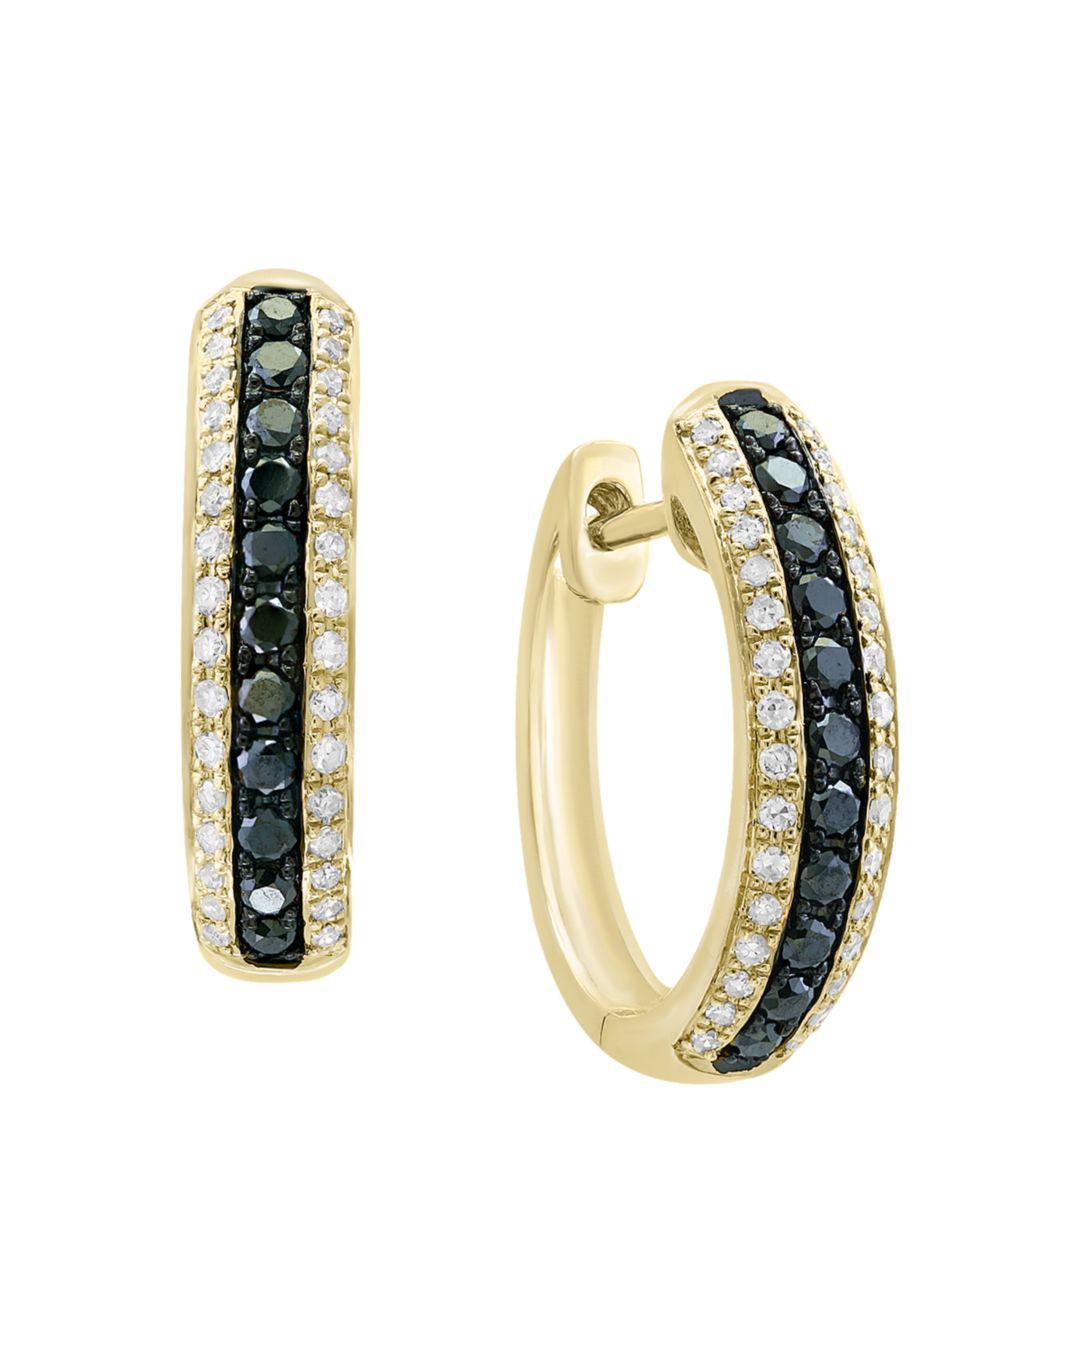 63bcdaf88dc431 Bloomingdale's. Women's Black & White Diamond Hoop Earrings In 14k Yellow  Gold